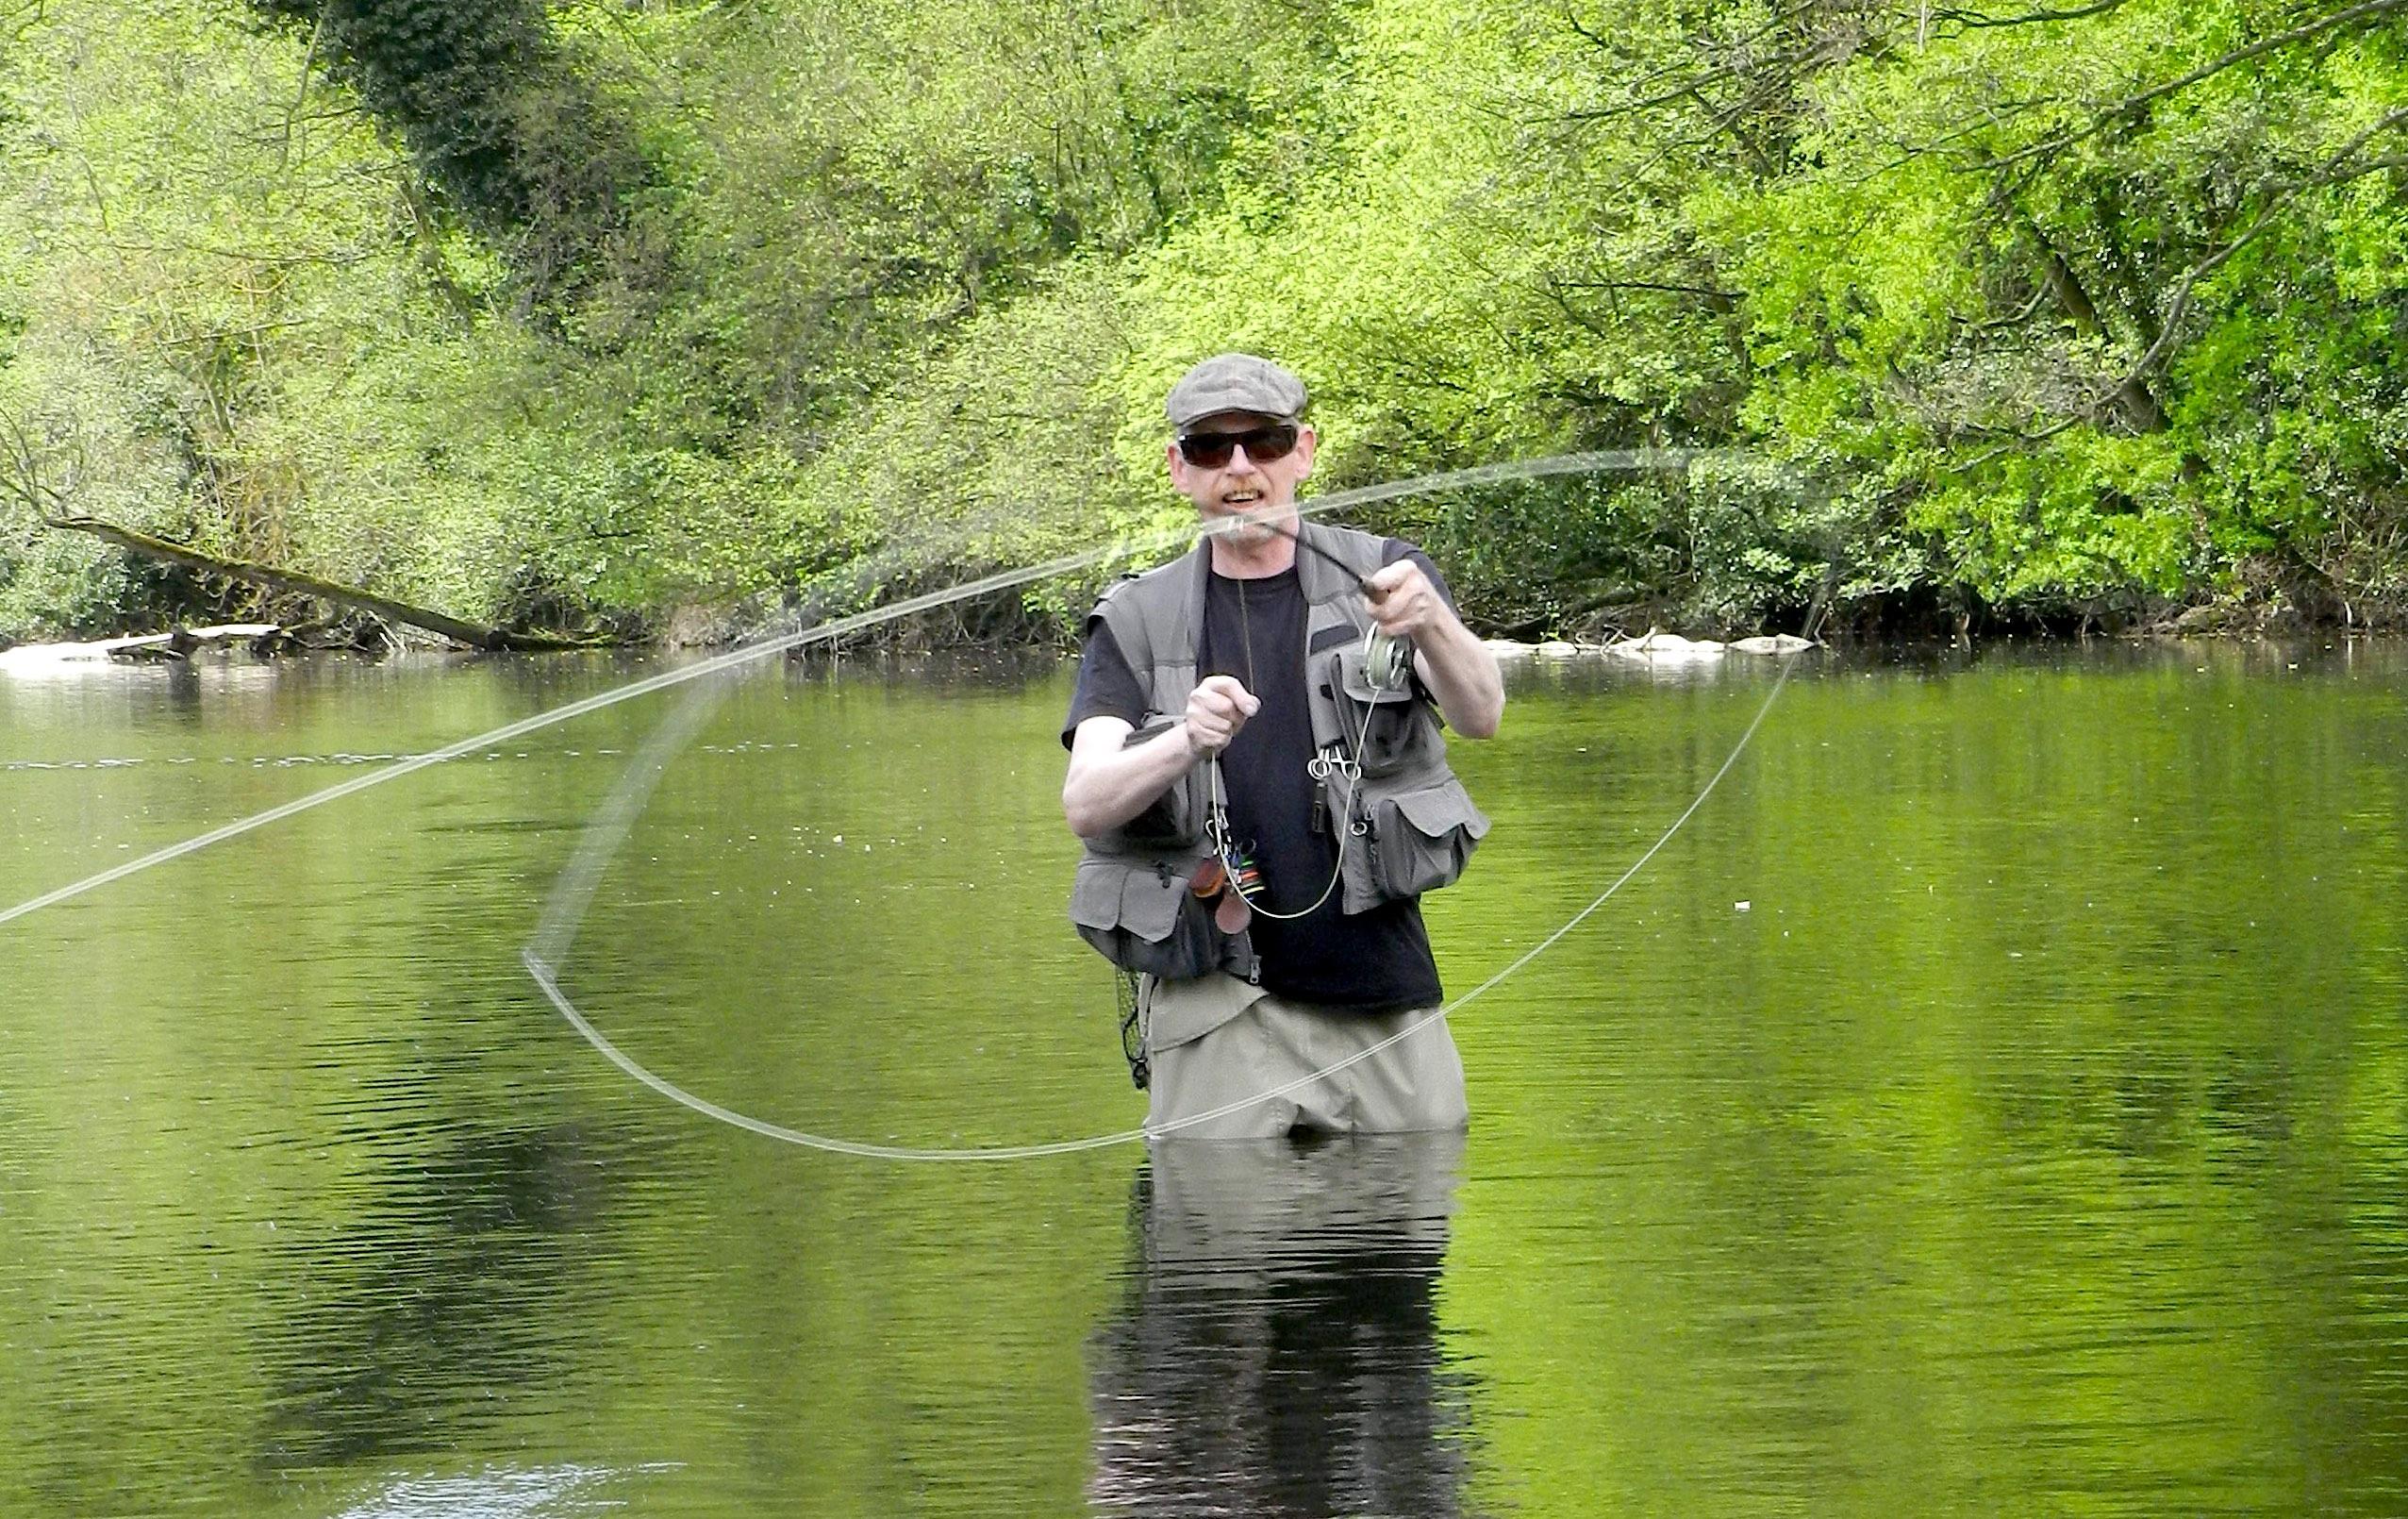 """FliegenFischen-Autor Detlef Henkes beim """"Wurf-Spiel"""" – auch so kann man das Fliegenfischen selber lernen. Ab einem gewissen Niveau und mit dem entsprechenden Bewegungstalent ist man durchaus in der Lage, sich selbst Trickwürfe anzueignen."""